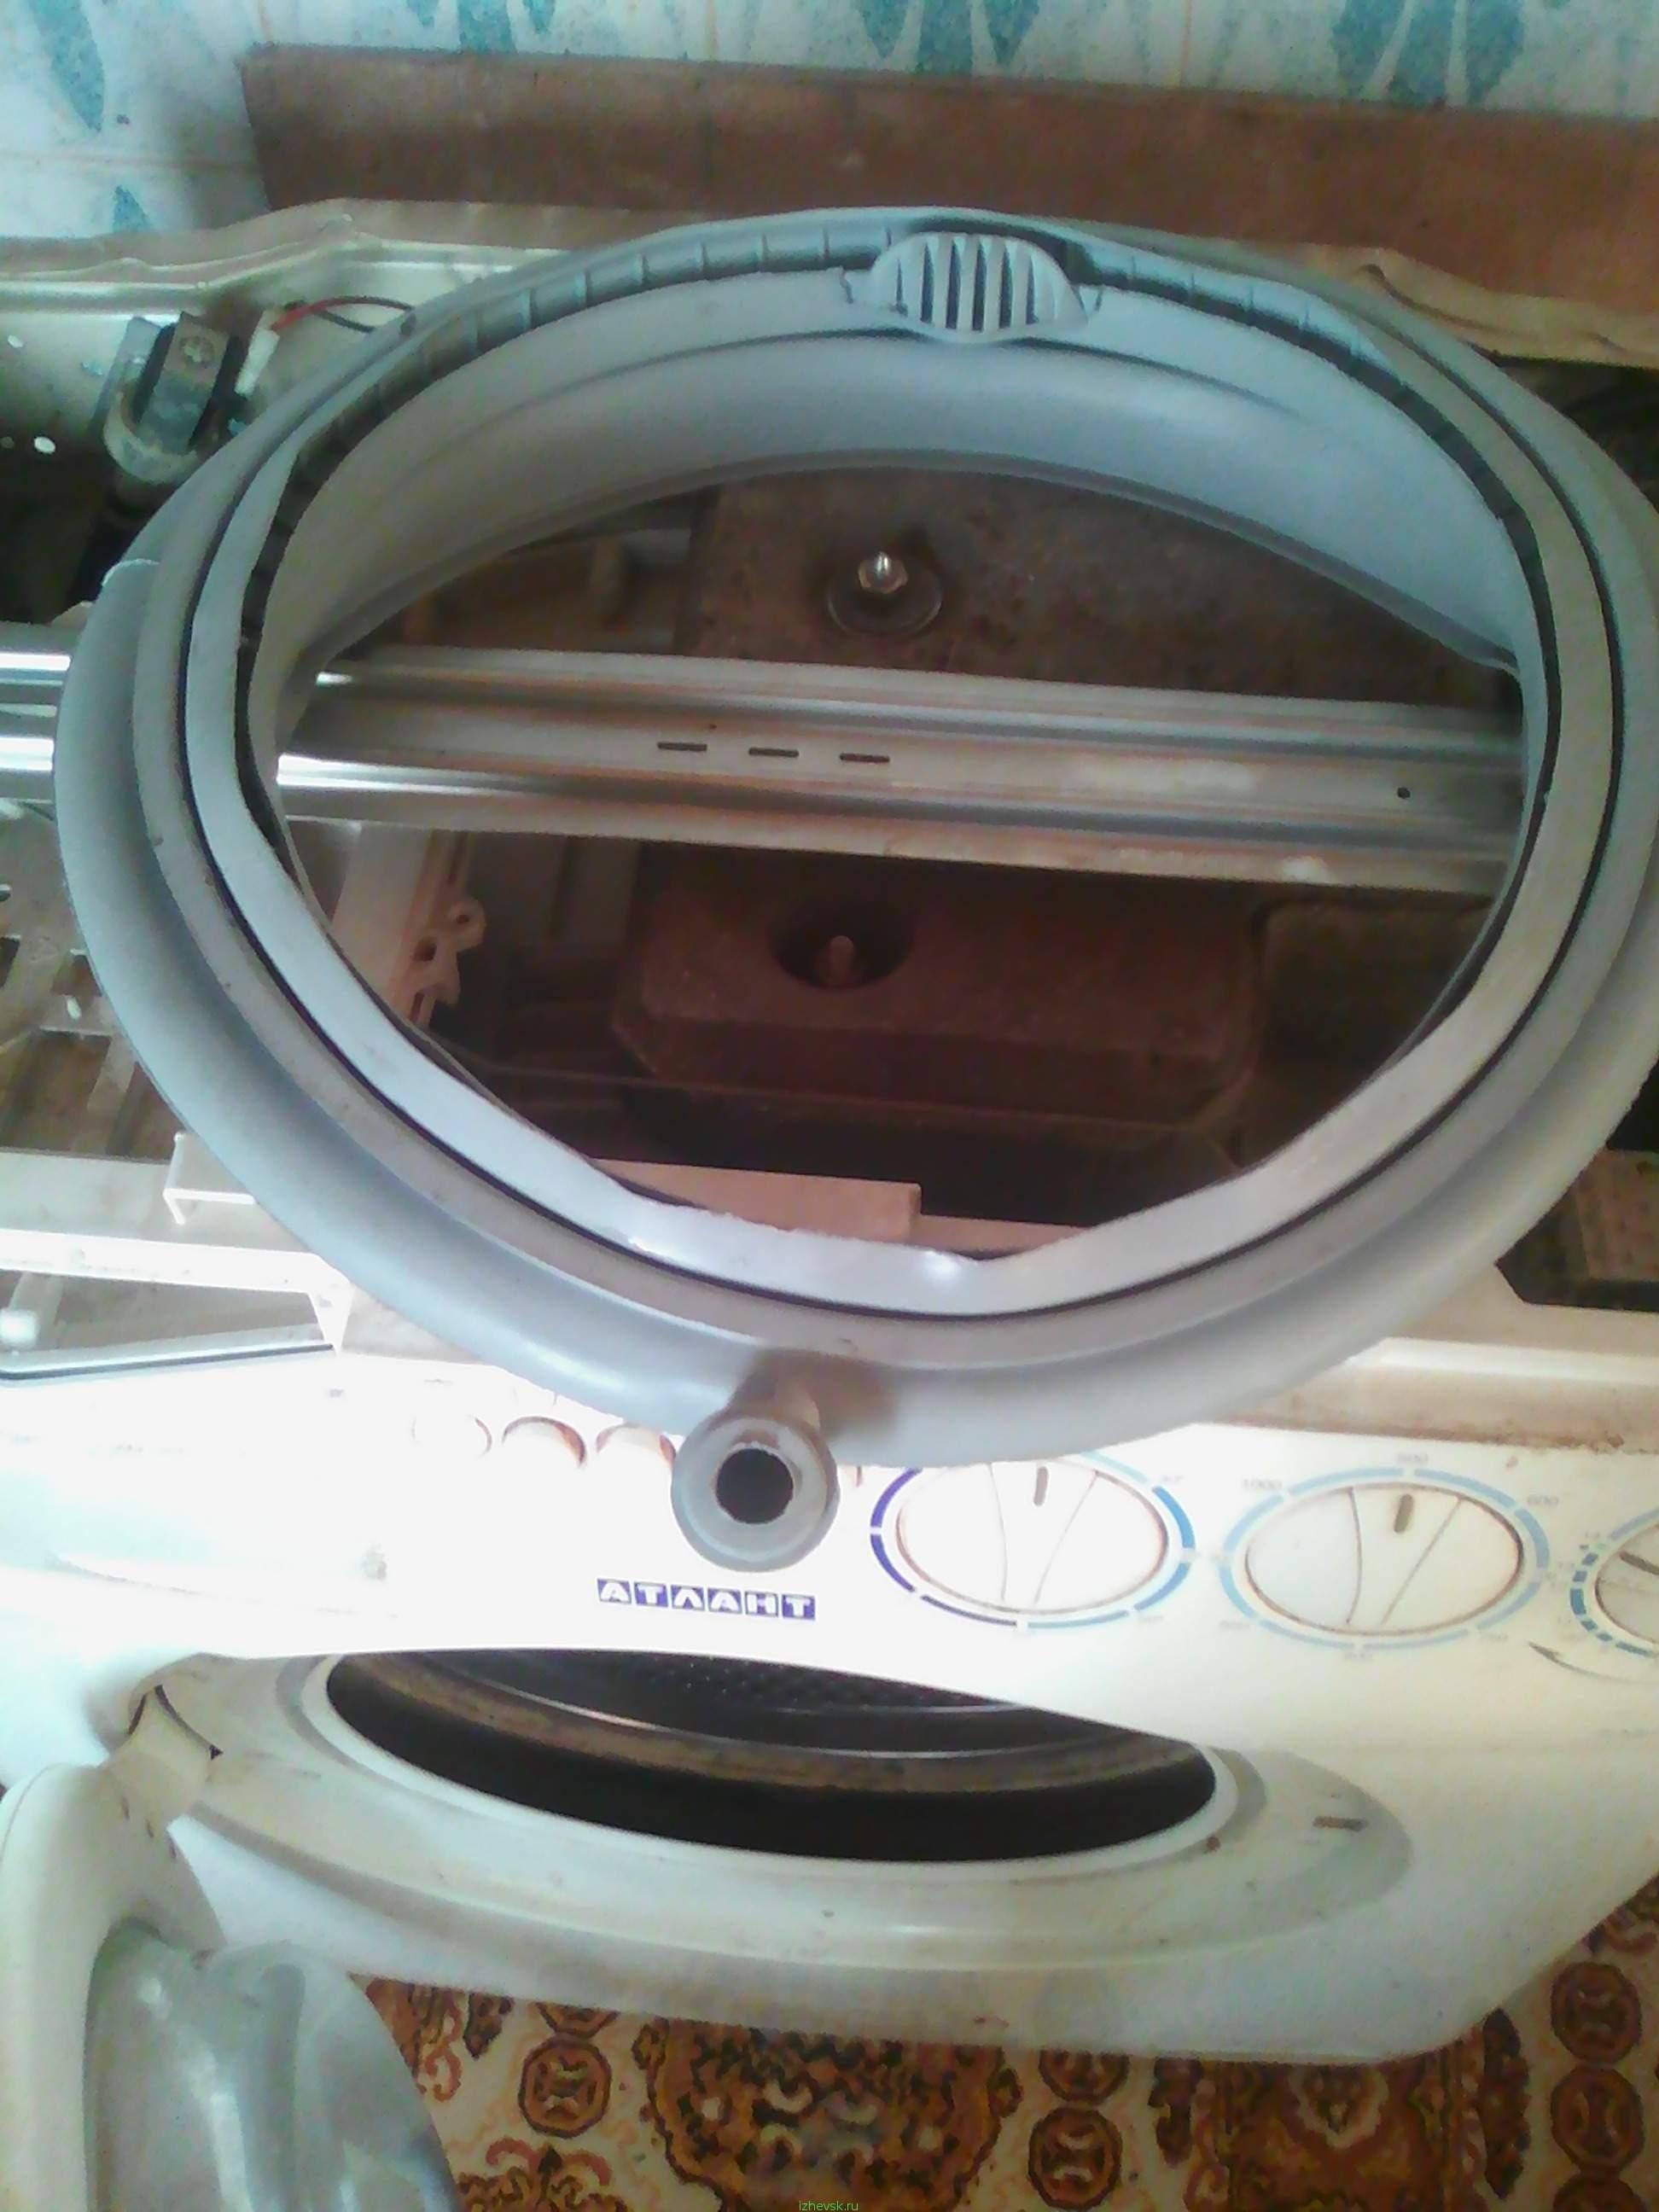 вестел стиральная машина wm 1047 ts инструкция